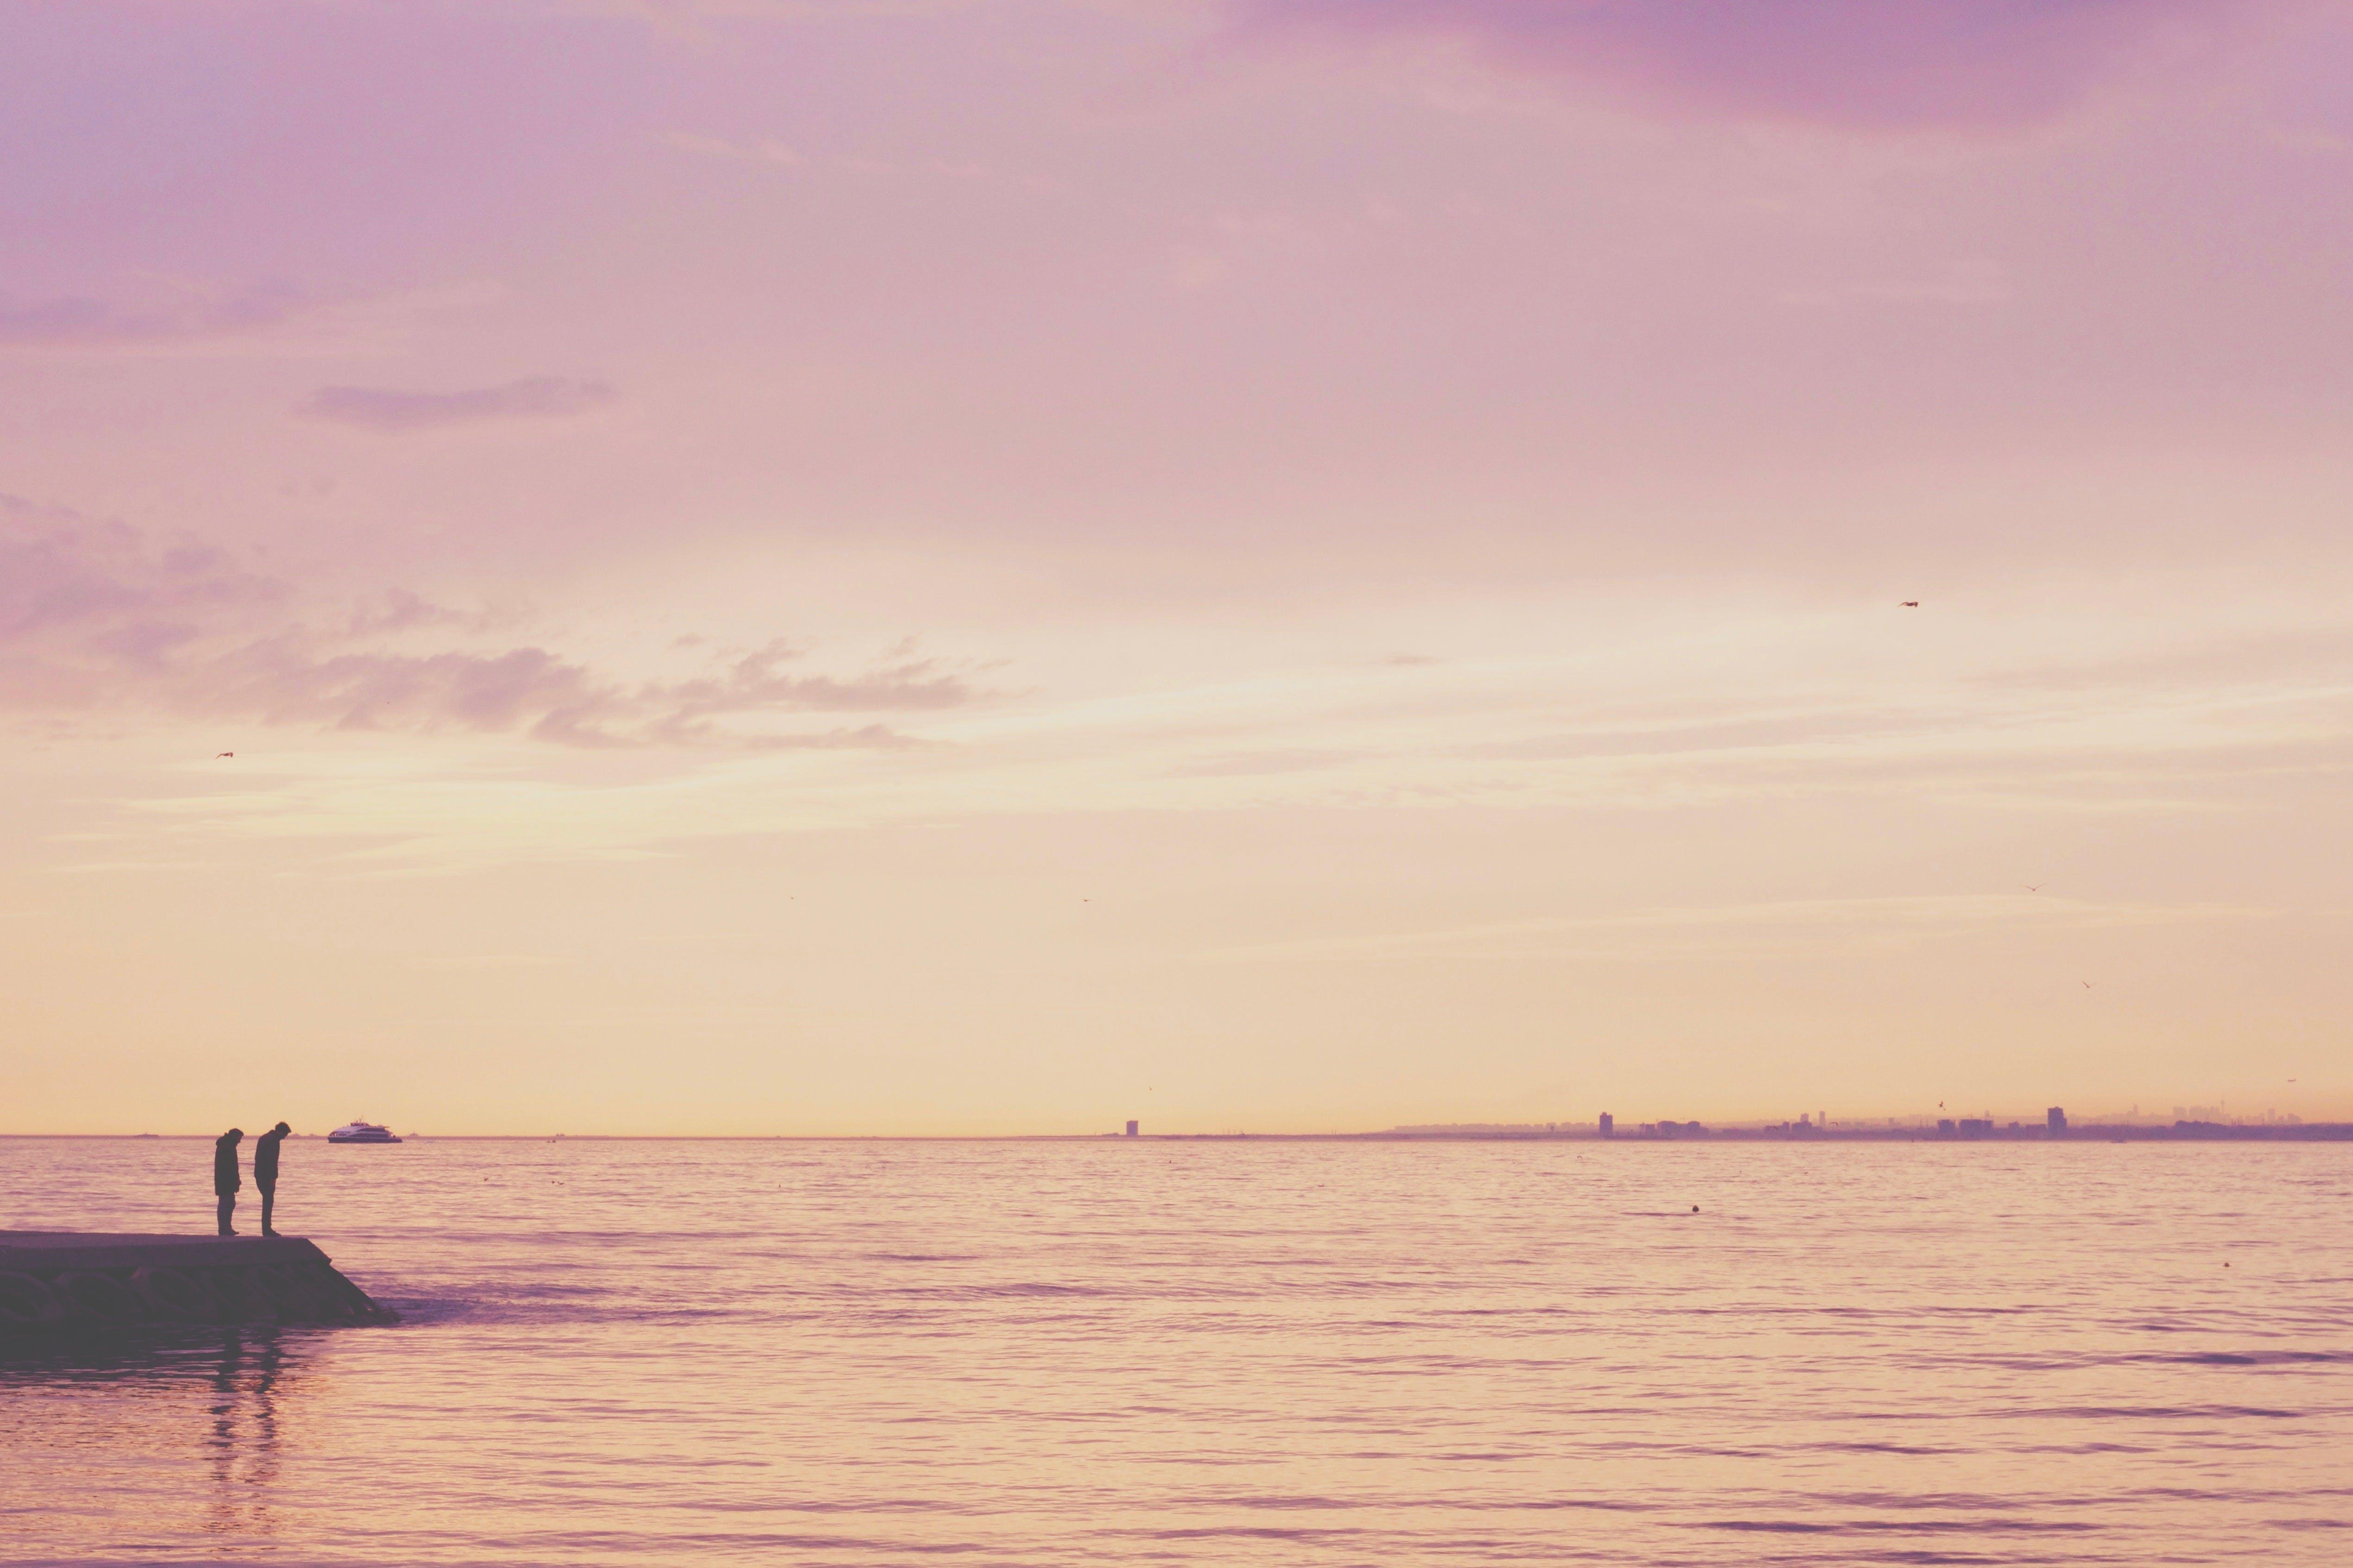 2 Person Standing on Shore Near Calm Sea